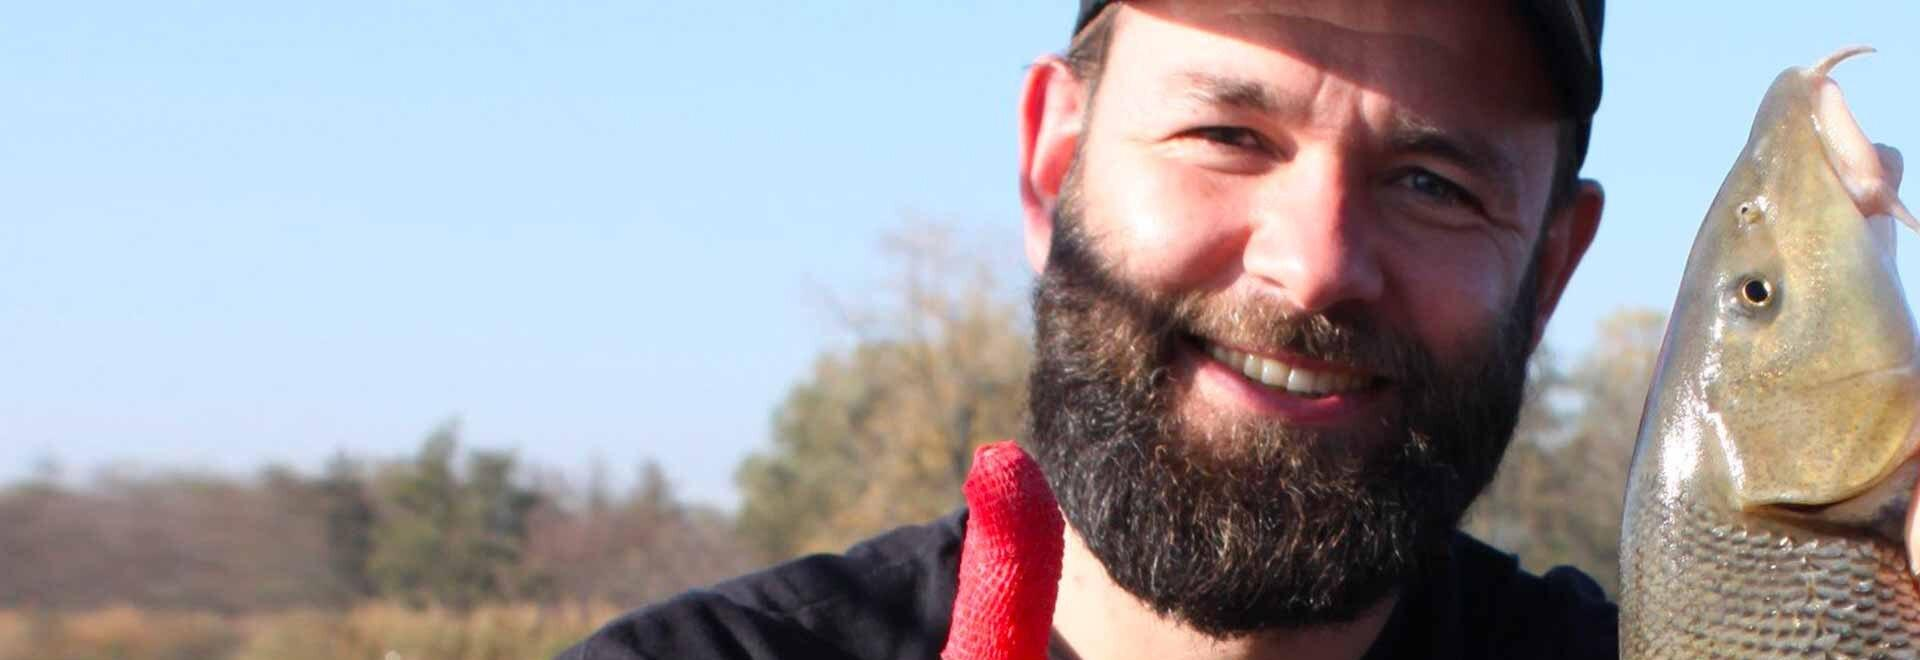 Palazzolo Oglio e i suoi barbi